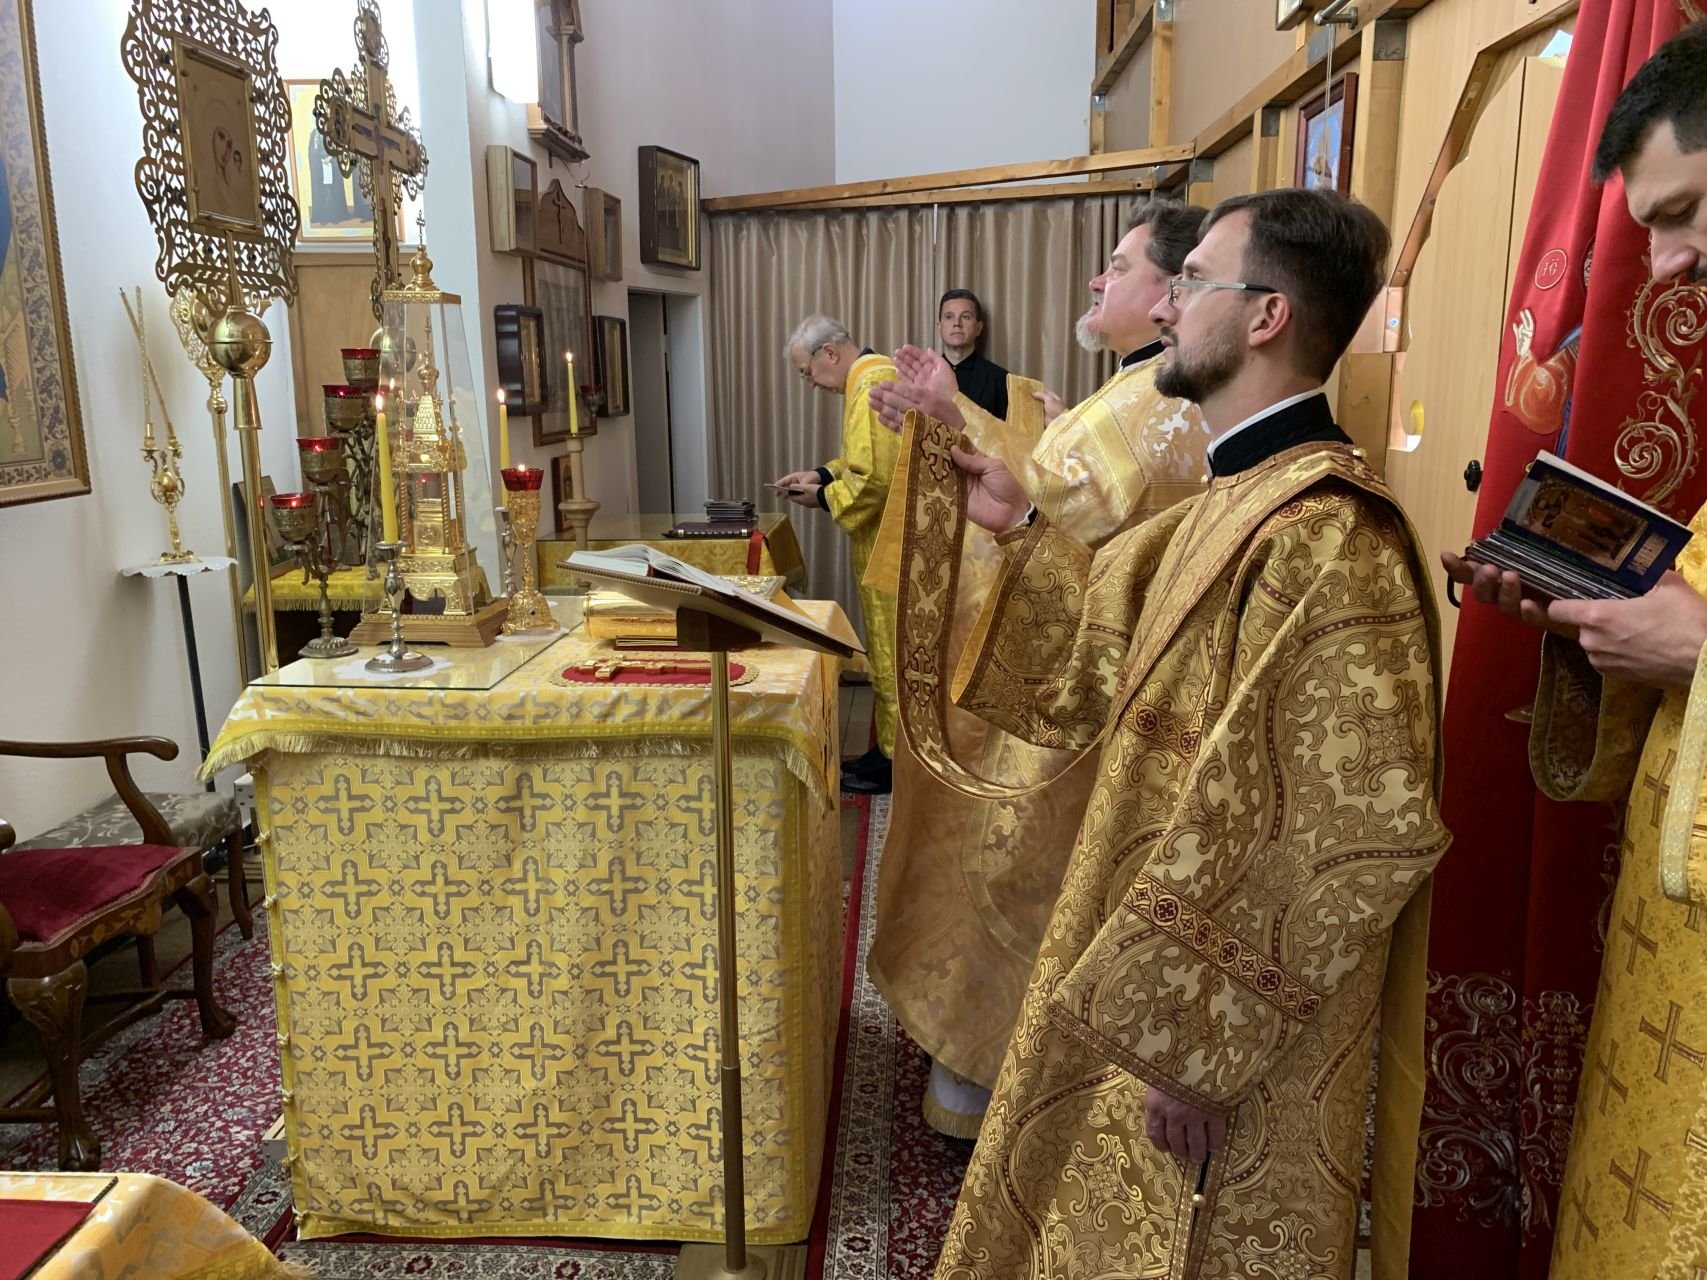 Ulm-russische-kirche.de 20200621 004